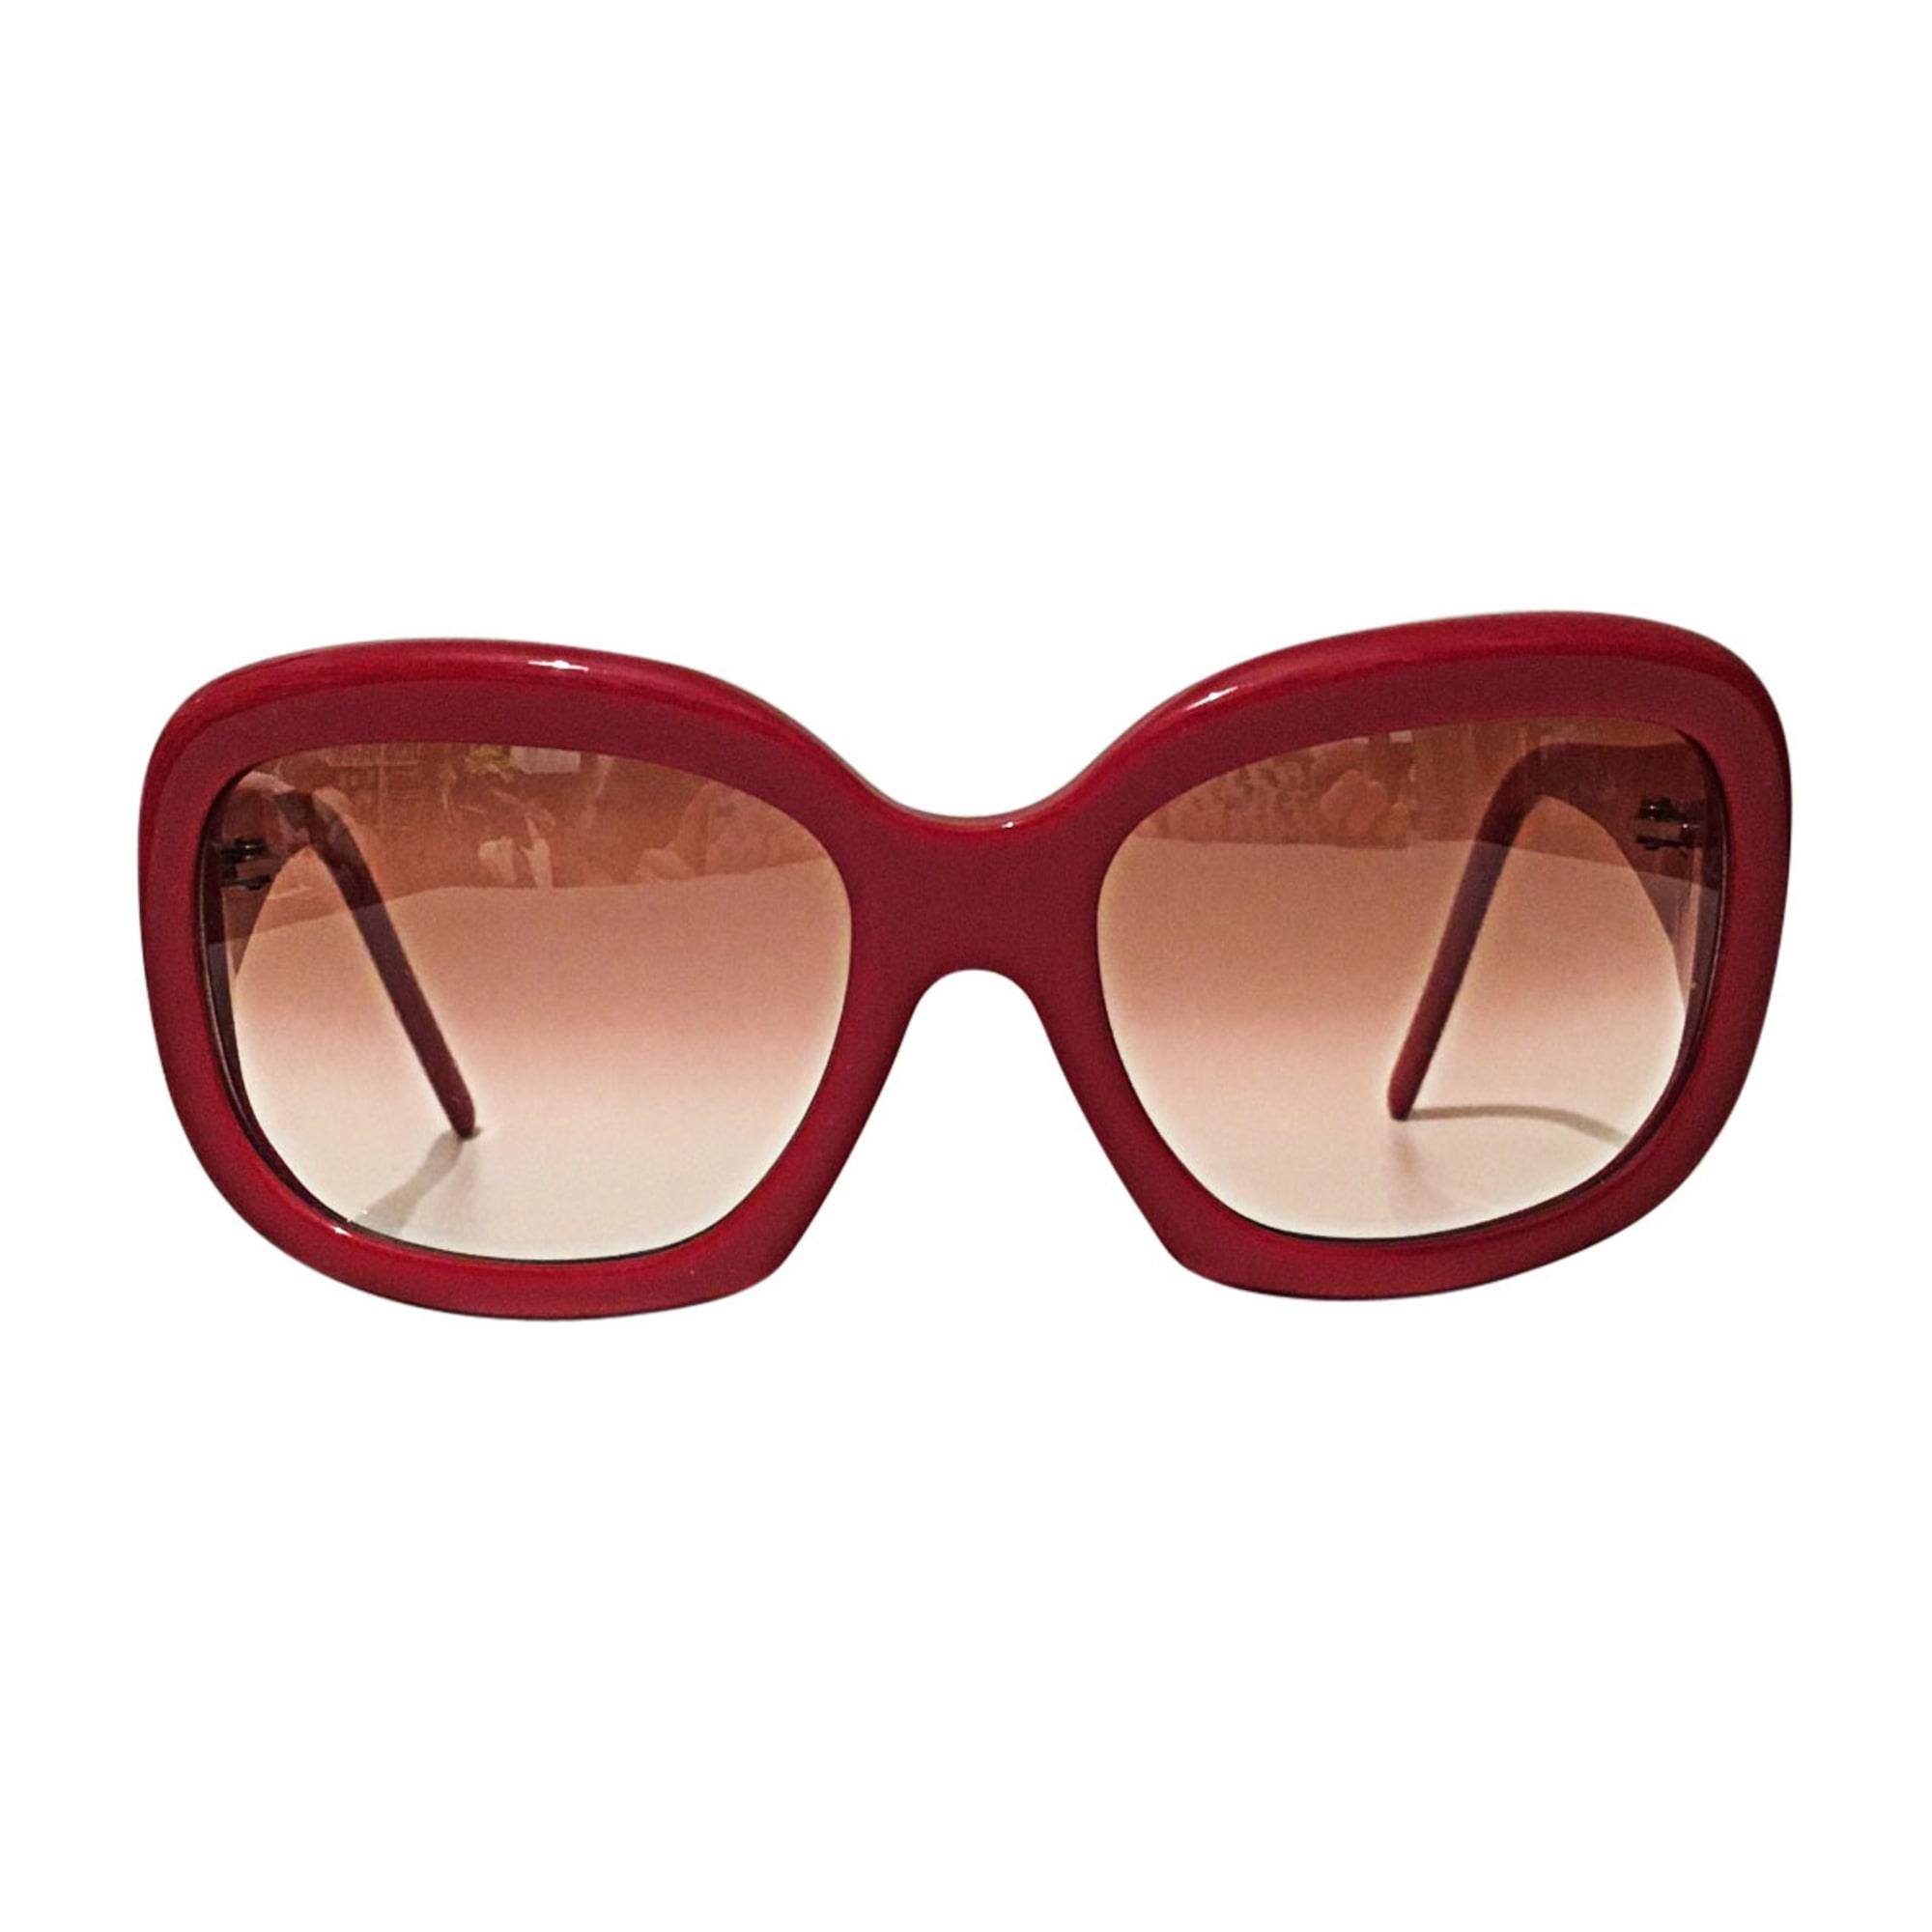 bdc8e01facdb6c Lunettes de soleil JEAN PAUL GAULTIER rouge - 5878006